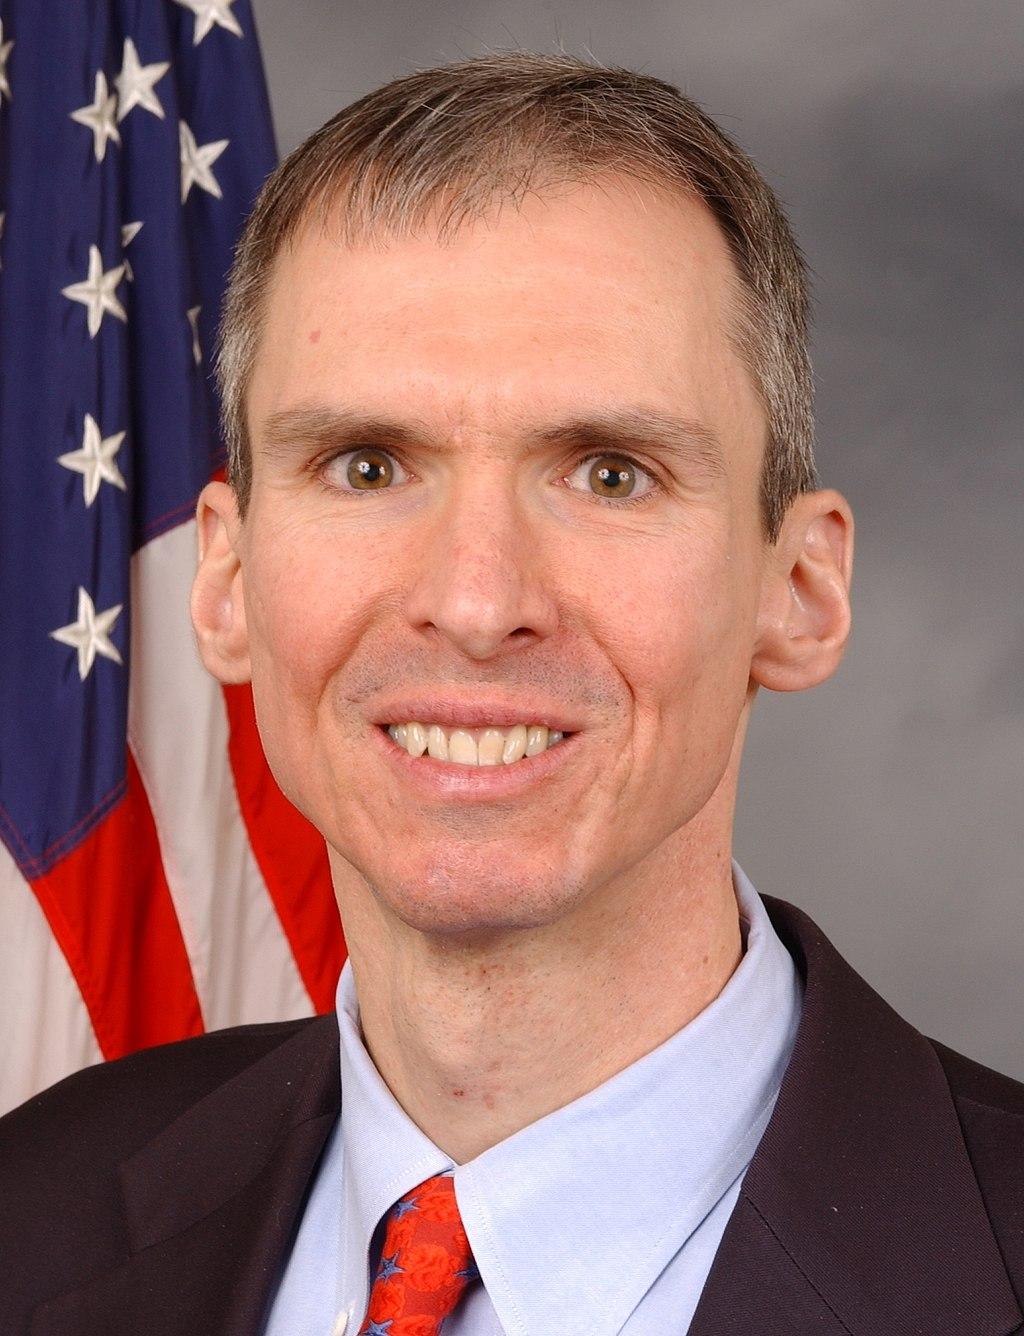 U.S. Rep. Dan Lipinski, D-Illinois